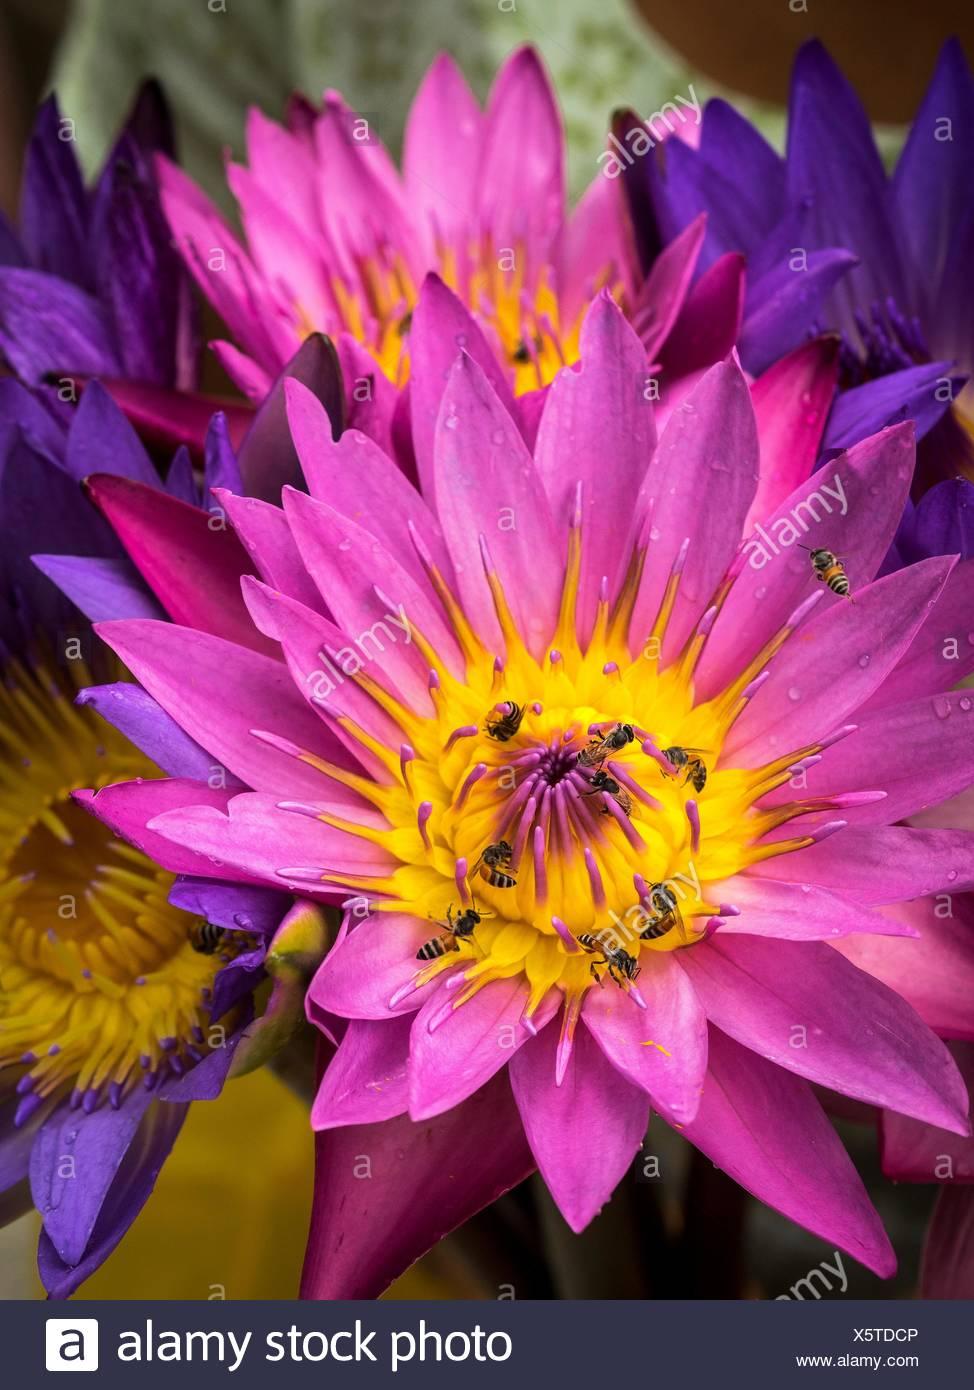 Bienen sammeln Pollen von lila Blüten in Mandalay. Stockbild